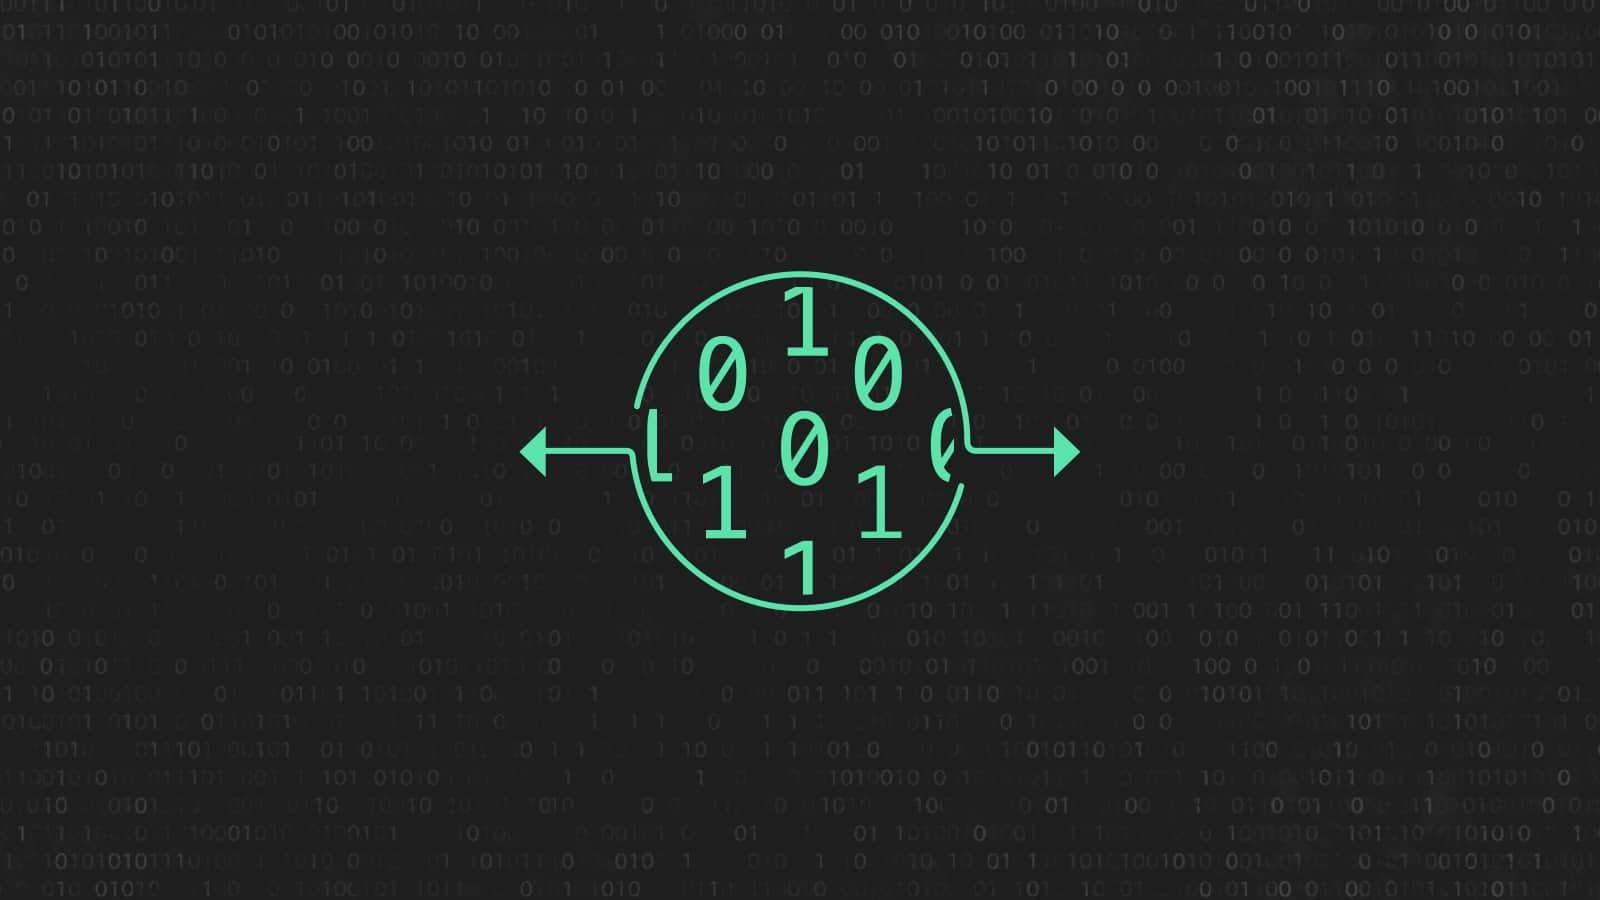 Το σύστημα ασφαλείας κρυπτογραφεί τα δεδομένα και προστατεύεται από δολιοφθορά